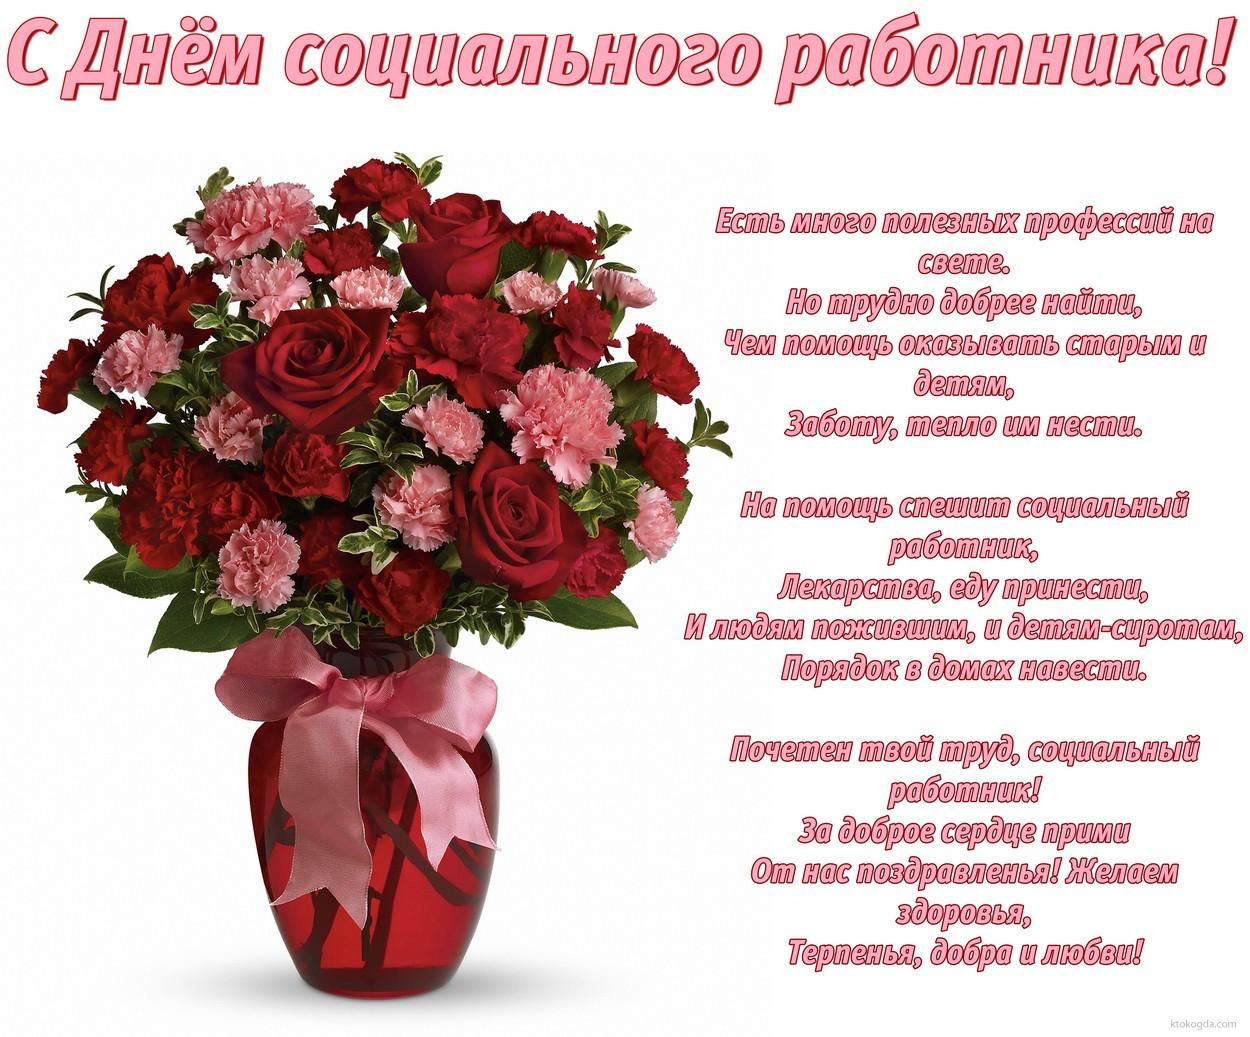 Официальное поздравление на день социального работника